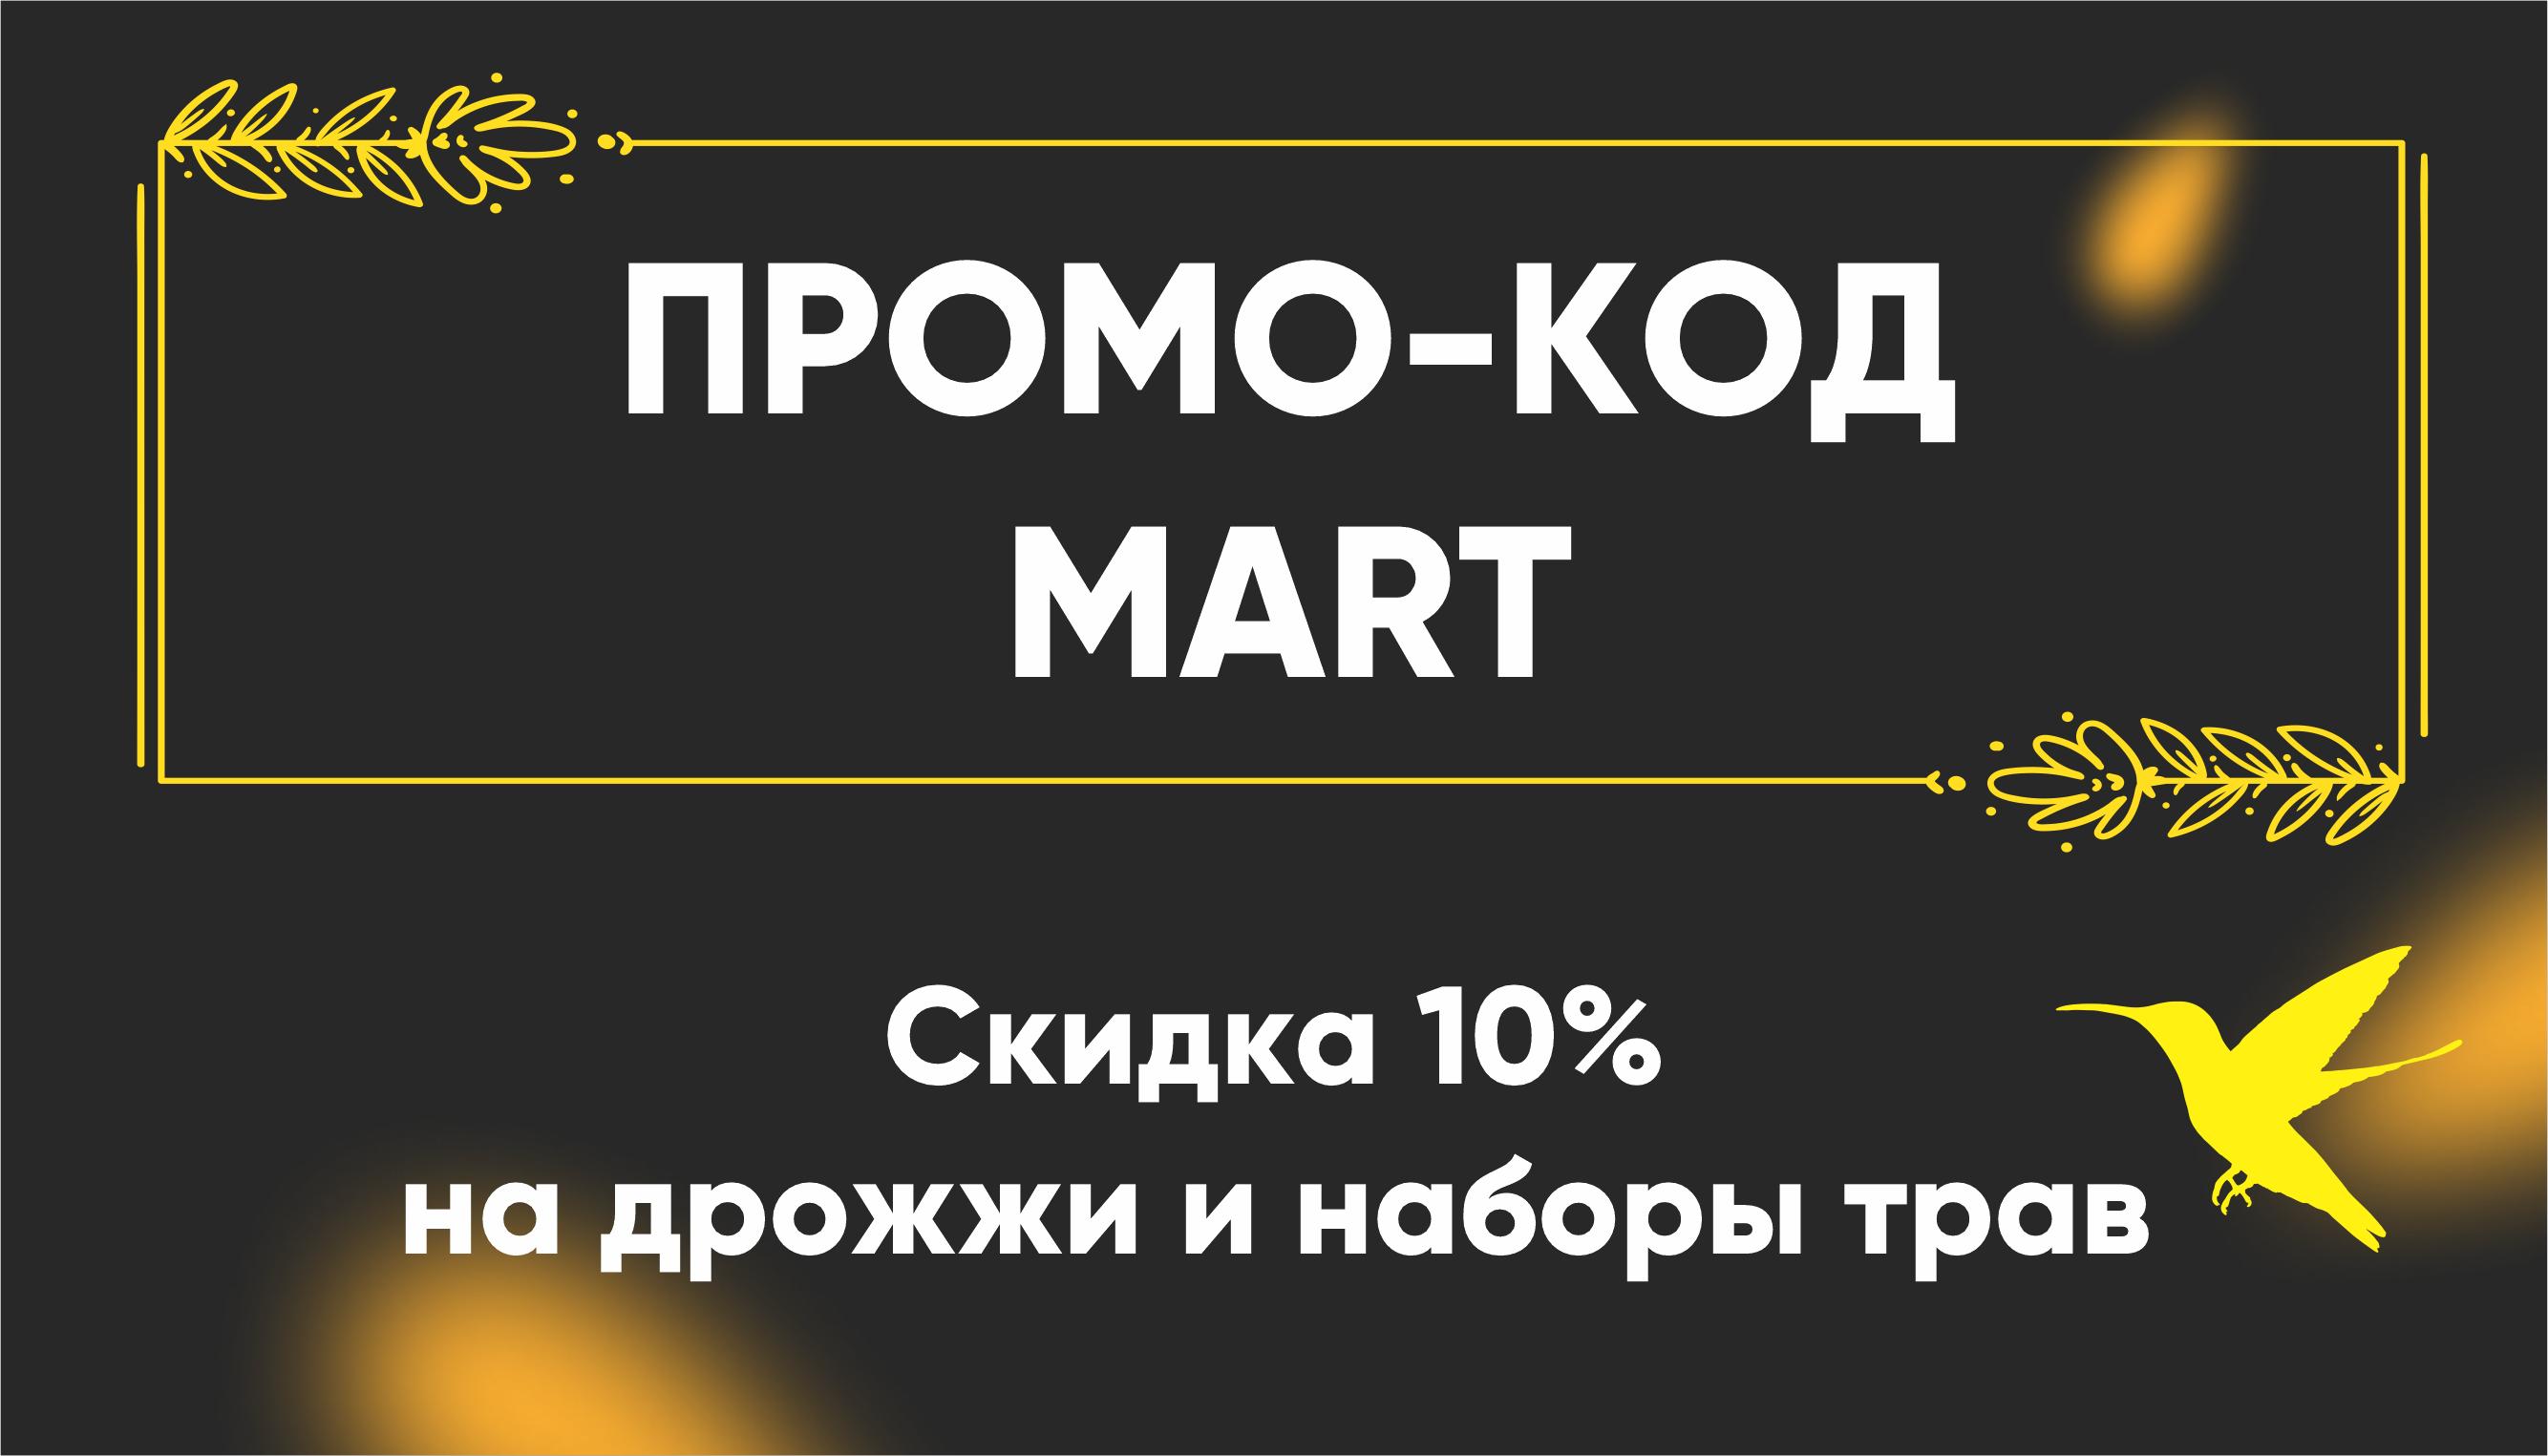 Скидка 10% по промокоду MART